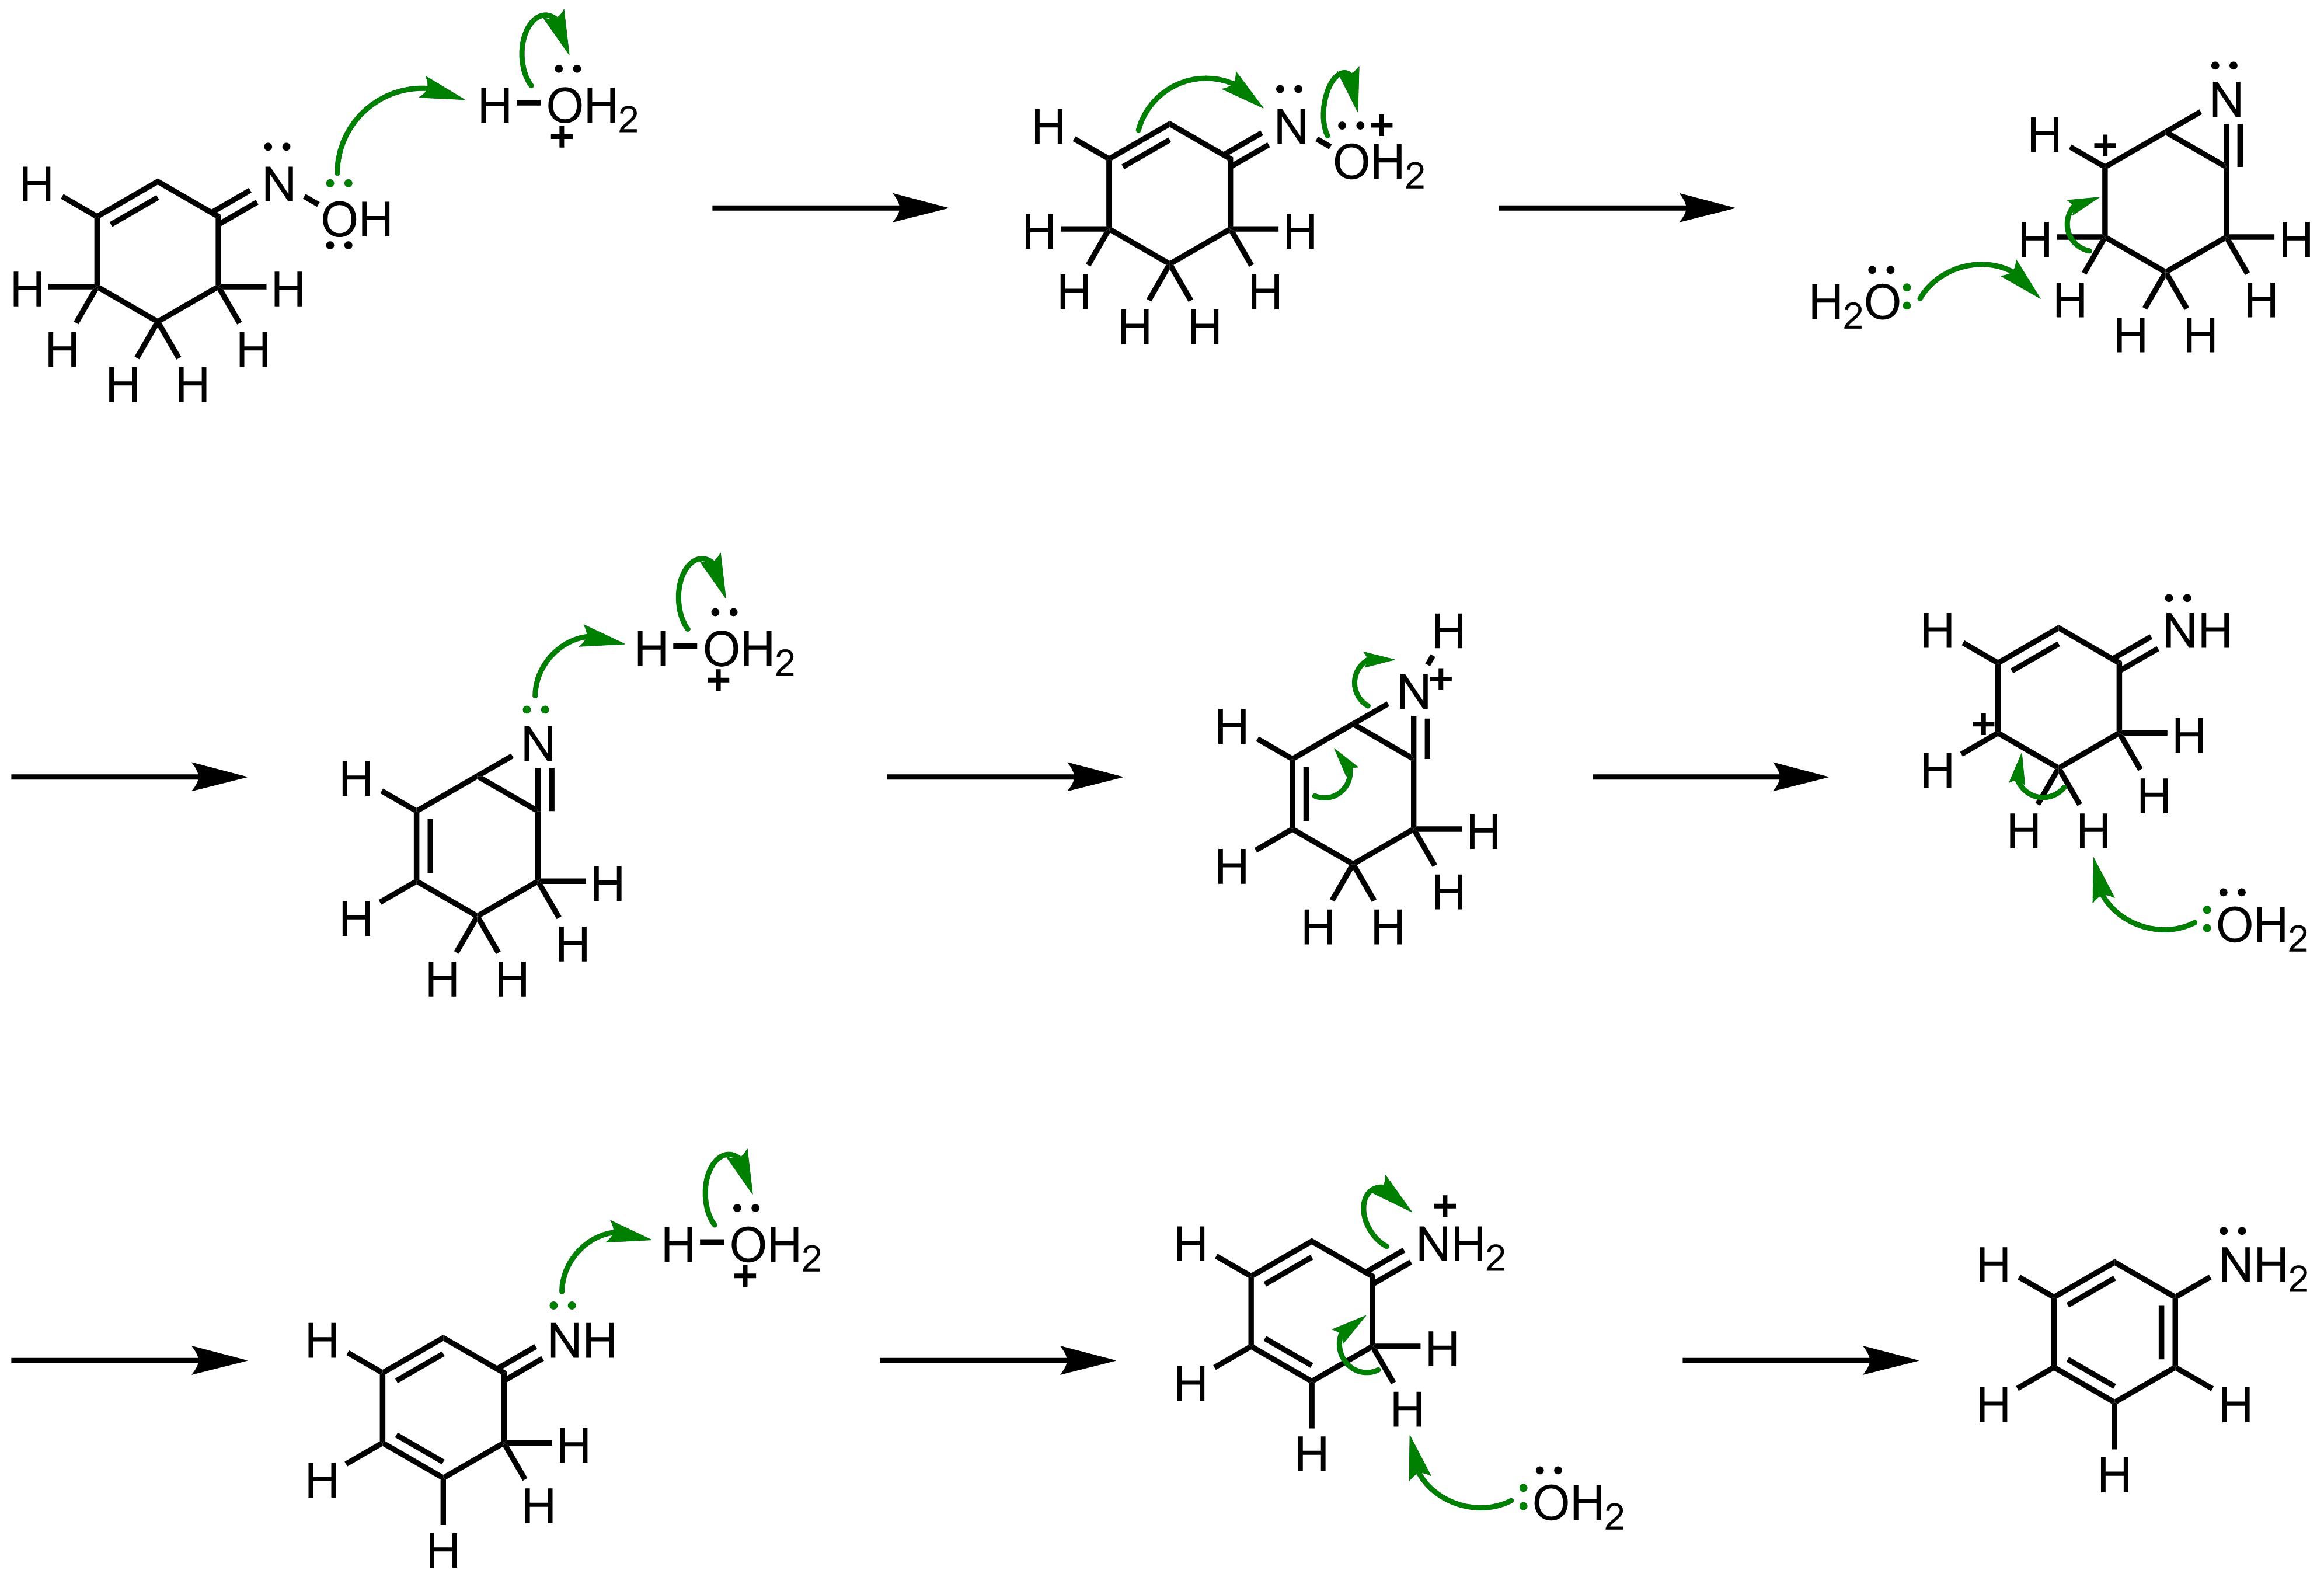 Mechanism of the Semmler-Wolff Reaction